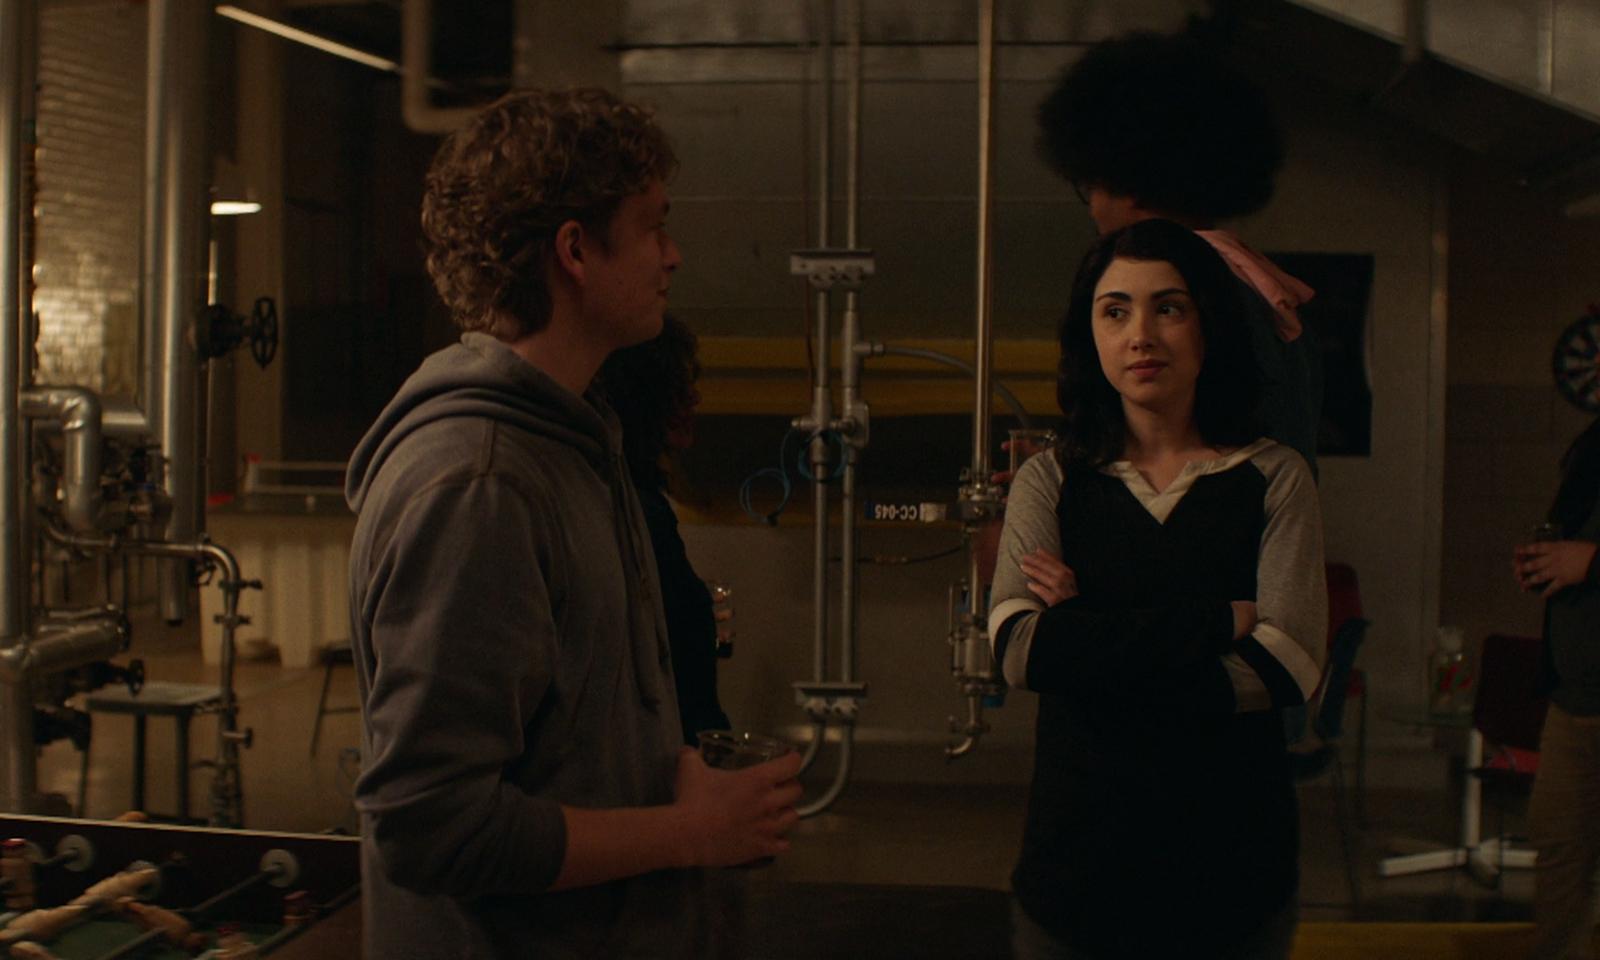 Hope e Mason bebendo e conversando em um momento de descontração no episódio 3 da 2ª temporada de The Walking Dead: World Beyond.